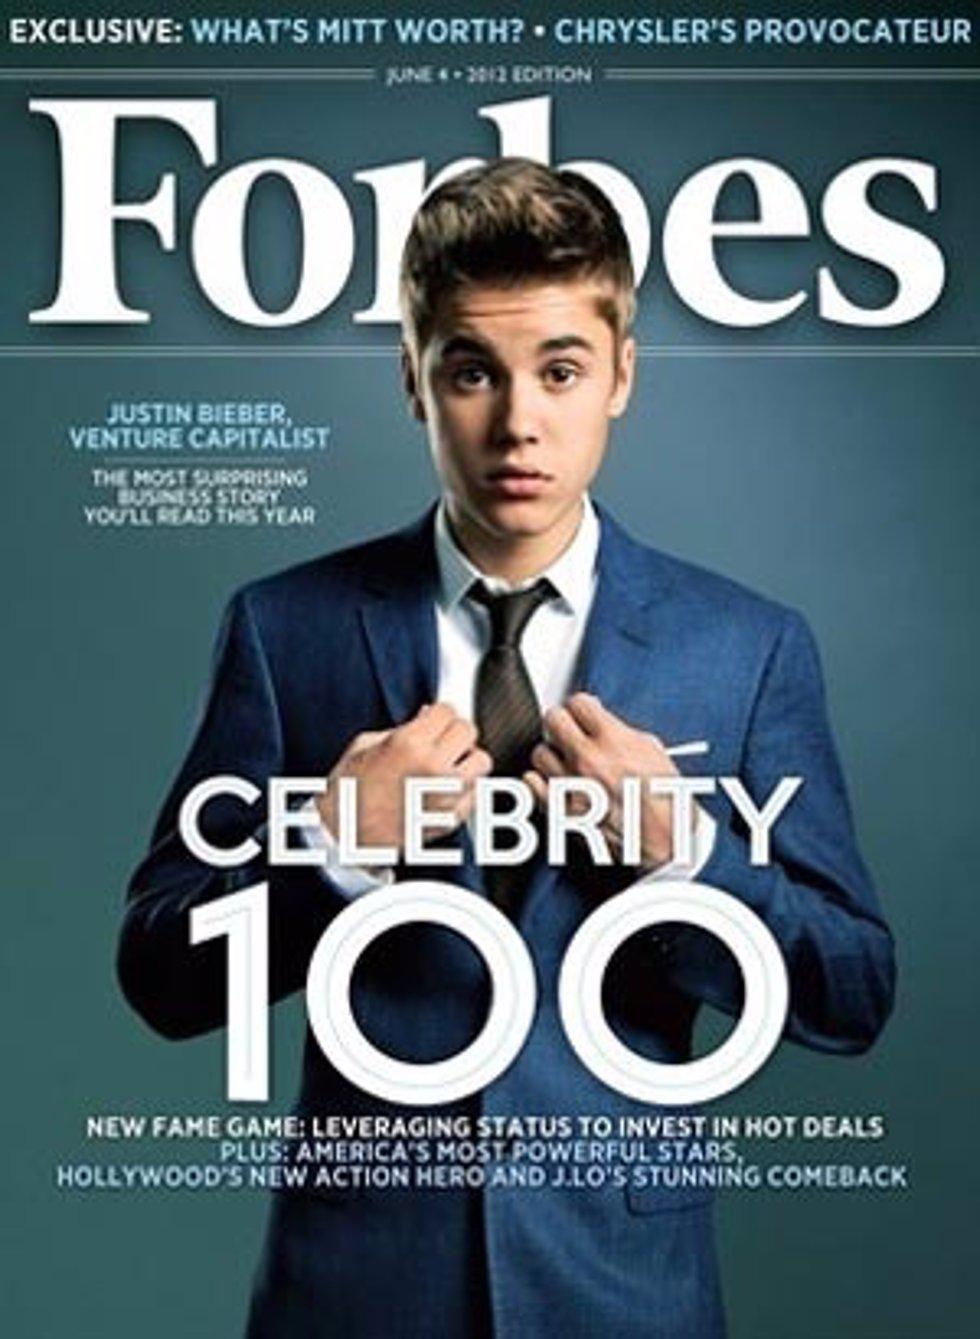 Justin Bieber para Forbes